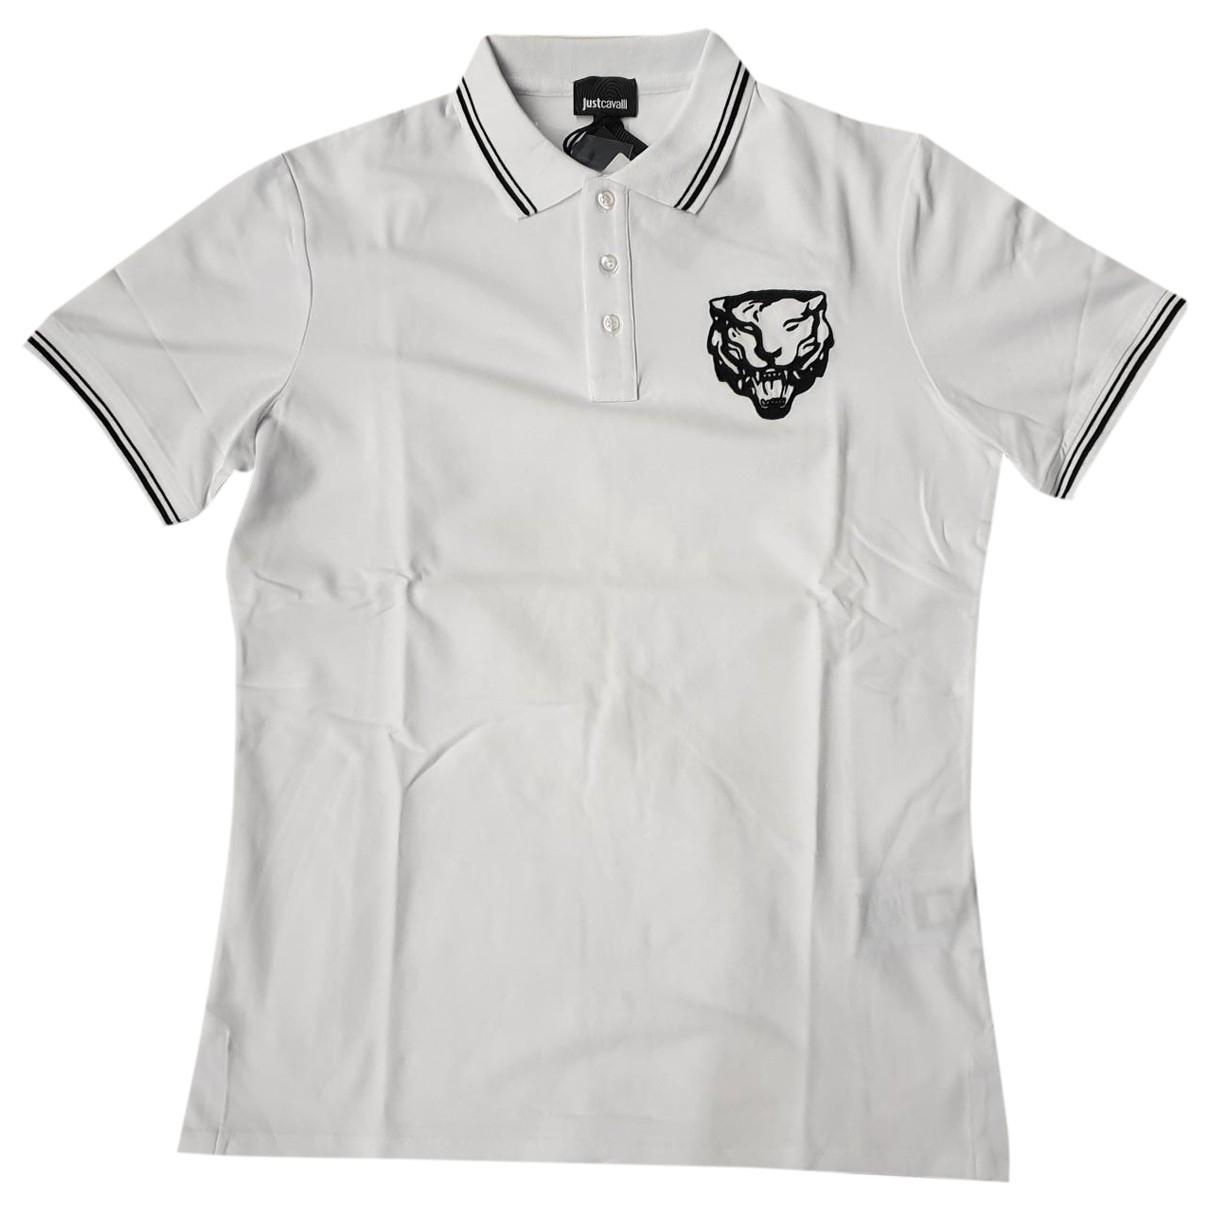 Just Cavalli - Polos   pour homme en coton - blanc